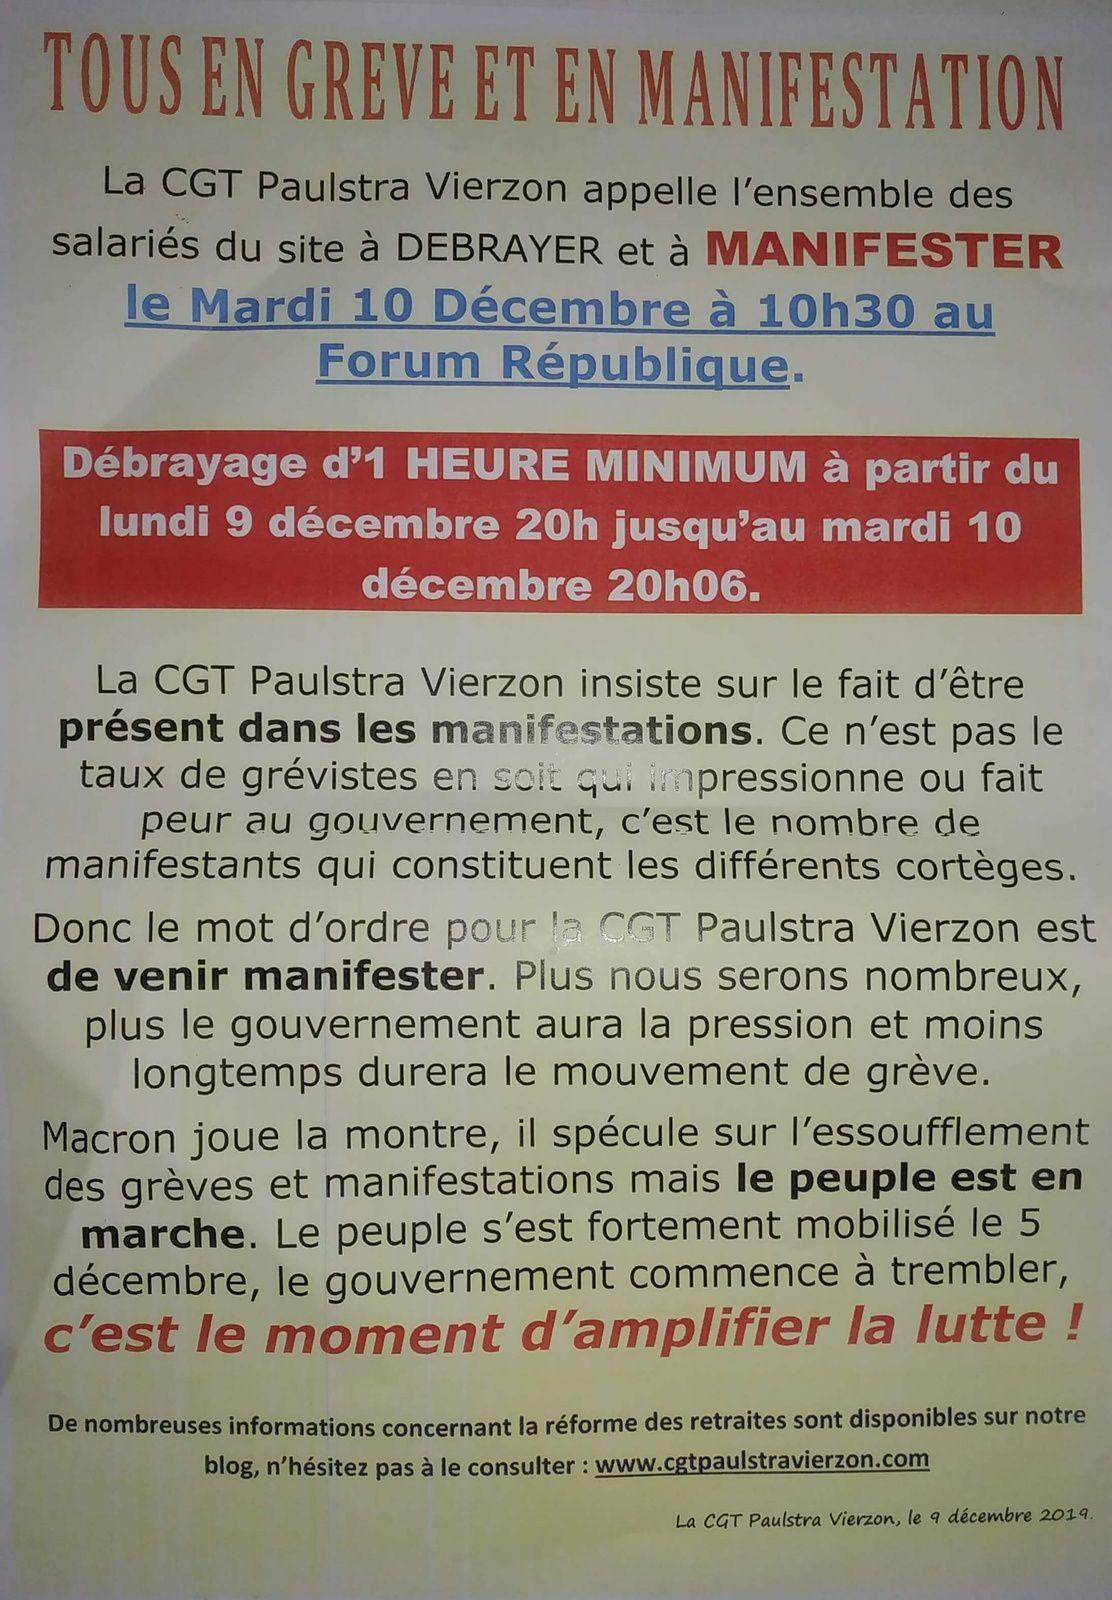 Mardi 10 Décembre : manifestation contre la réforme des retraites #onlâcherien #tousensemble